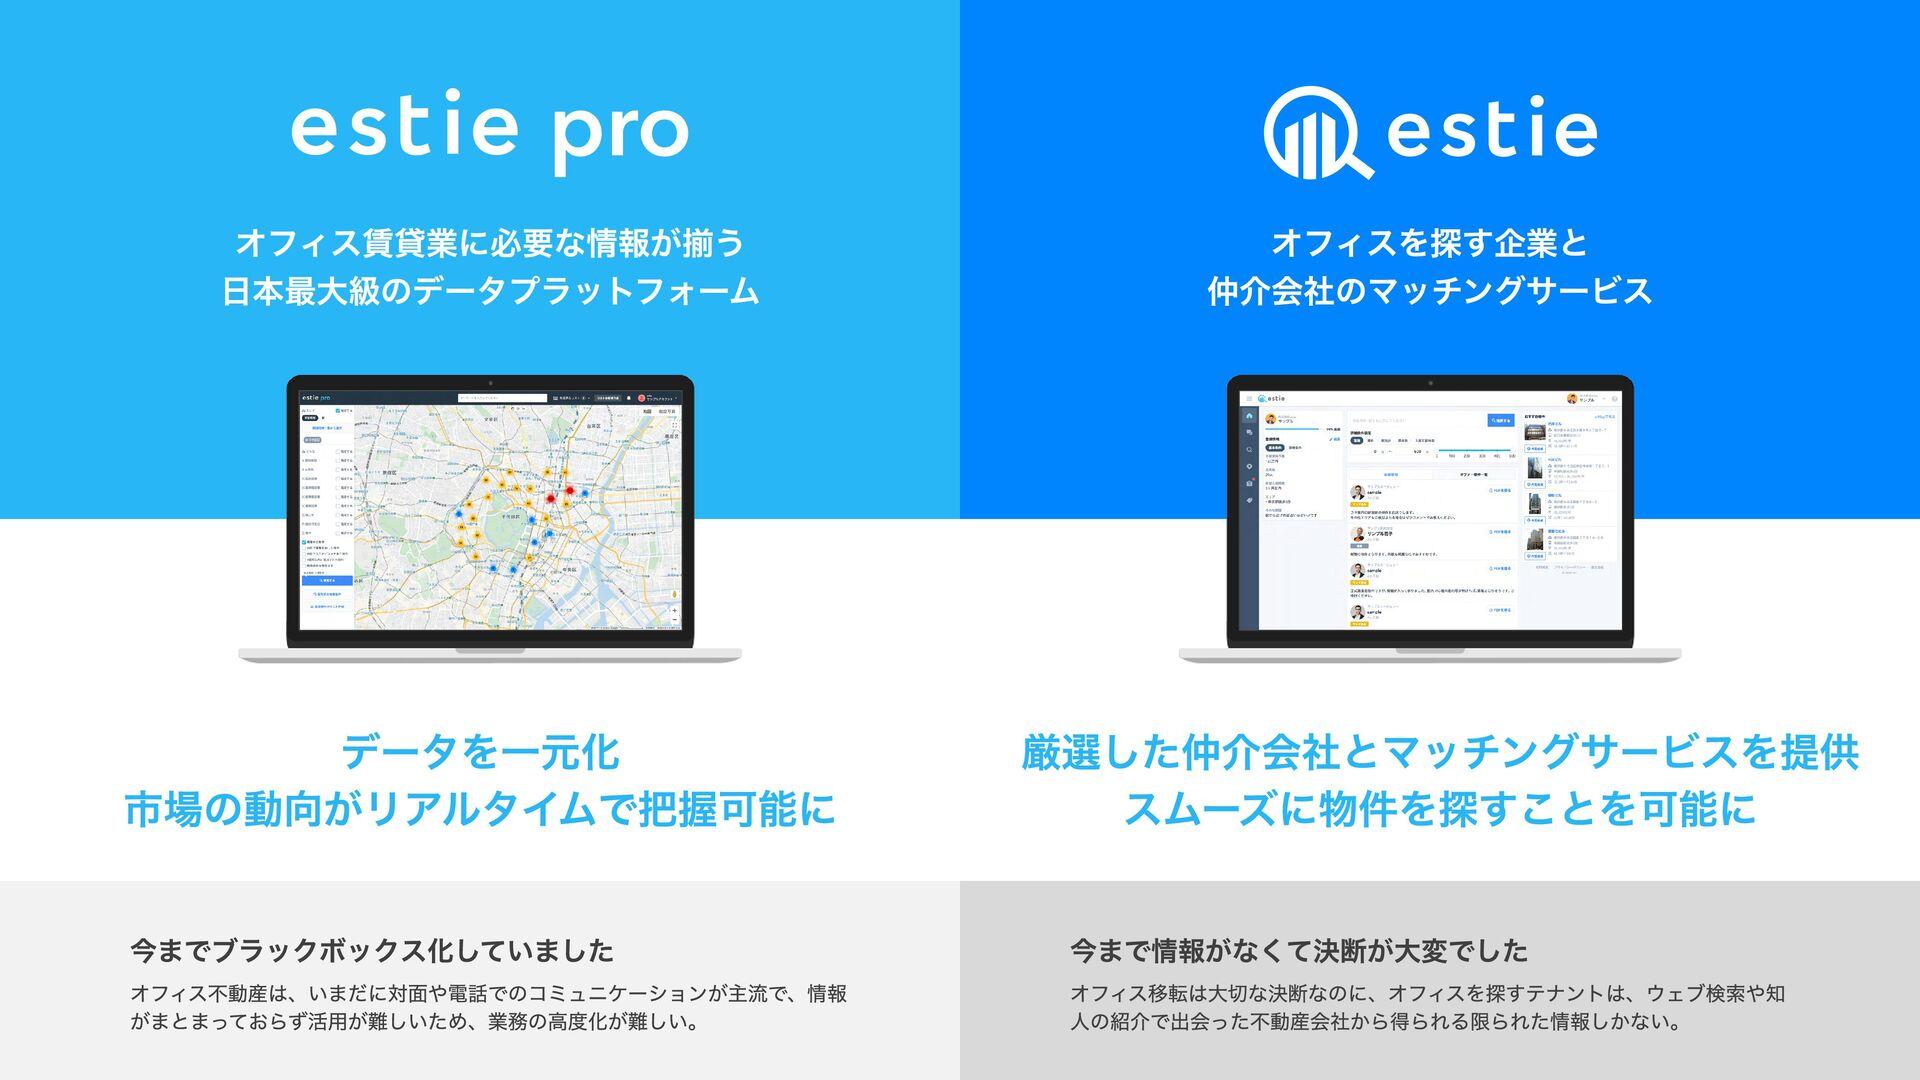 オフィス賃貸業に必要な情報が揃う  日本最大級のデータプラットフォーム オフィスを探す企業と...